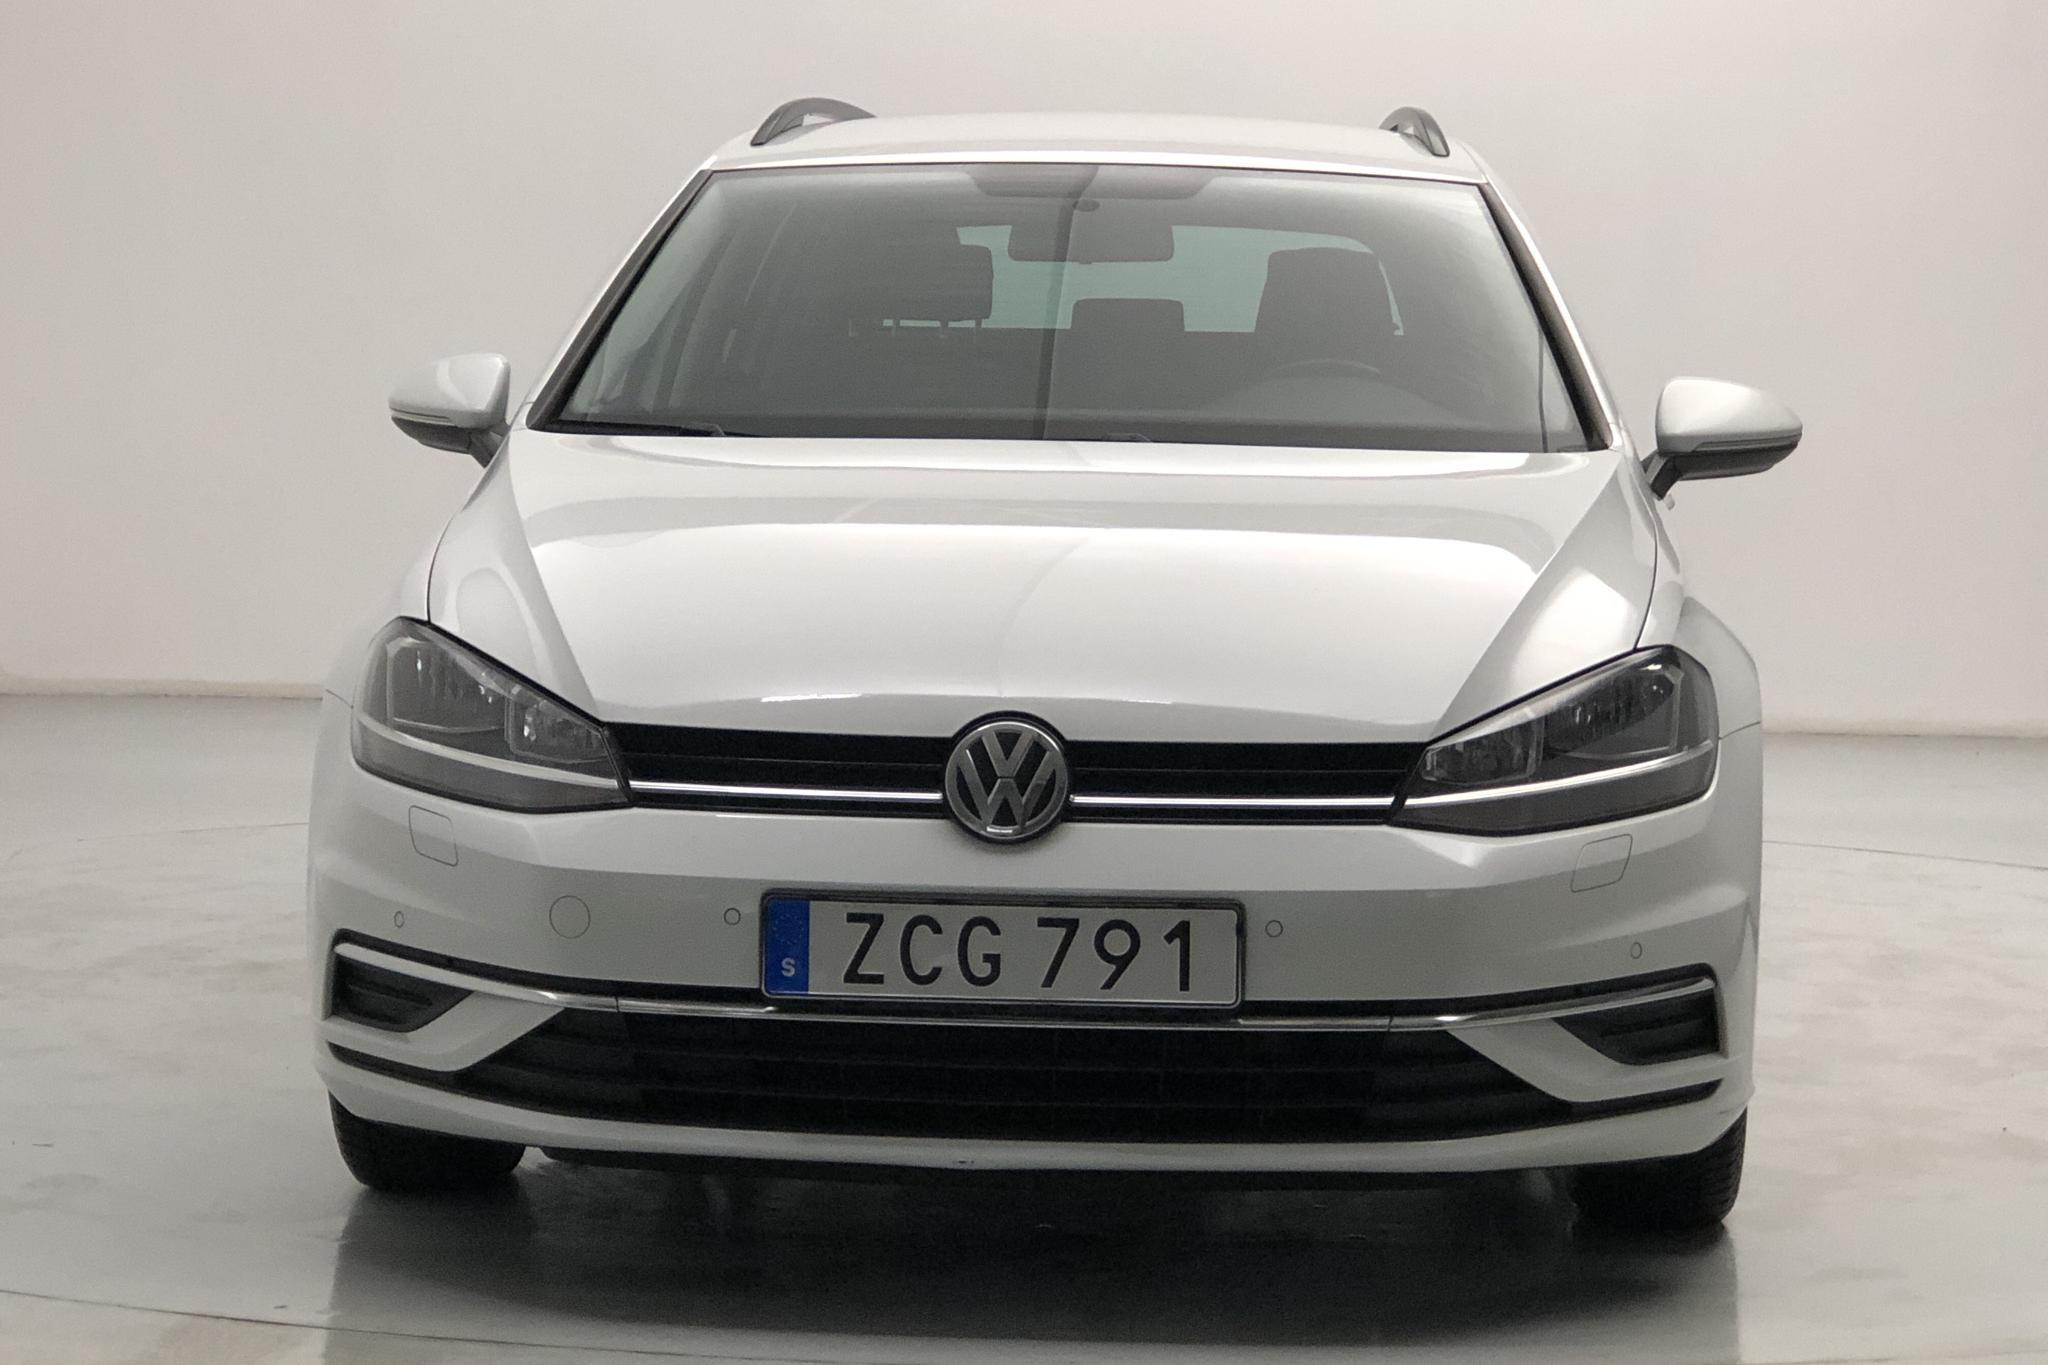 VW Golf VII 1.6 TDI Sportscombi (115hk) - 9 129 mil - Automat - vit - 2018